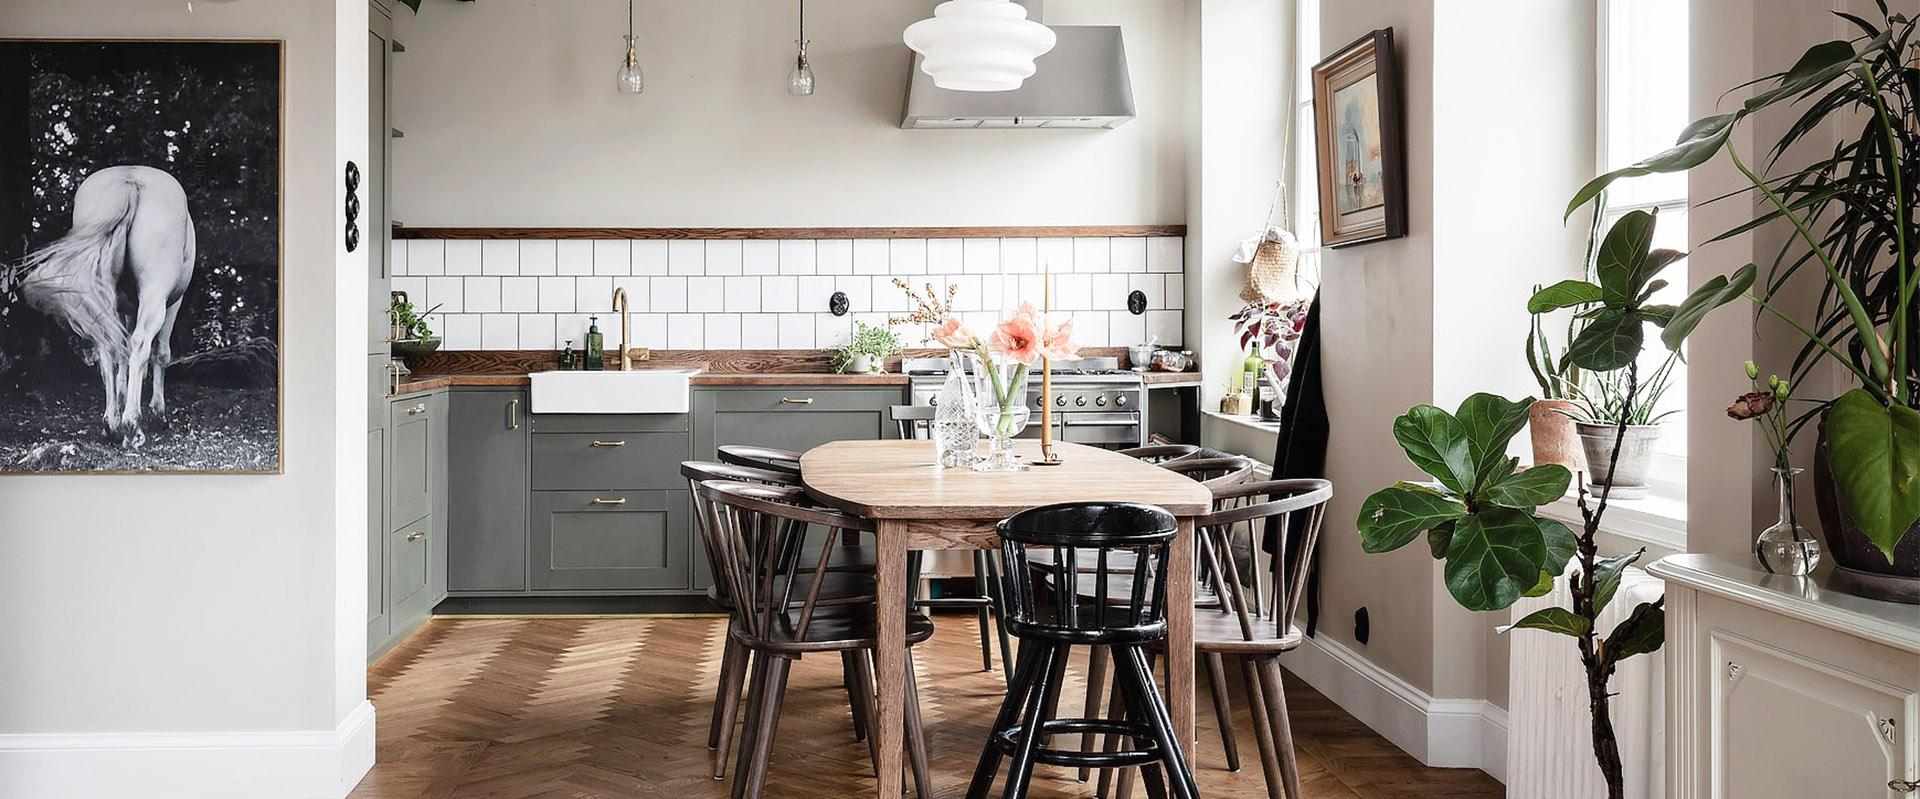 5 idee per arredare casa come nelle riviste lovethesign